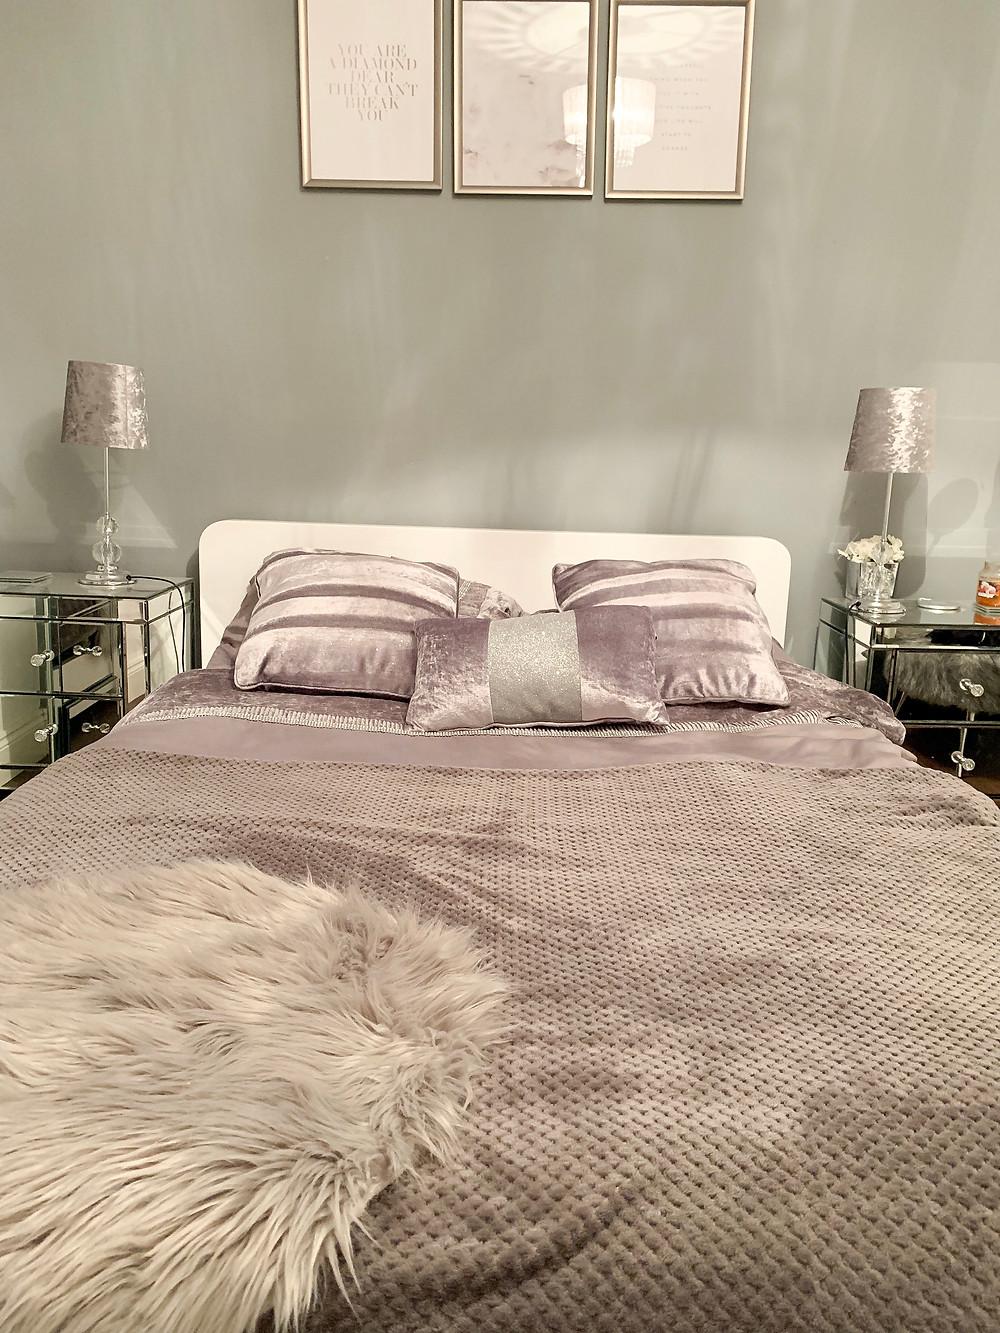 Dwell Notch Bed